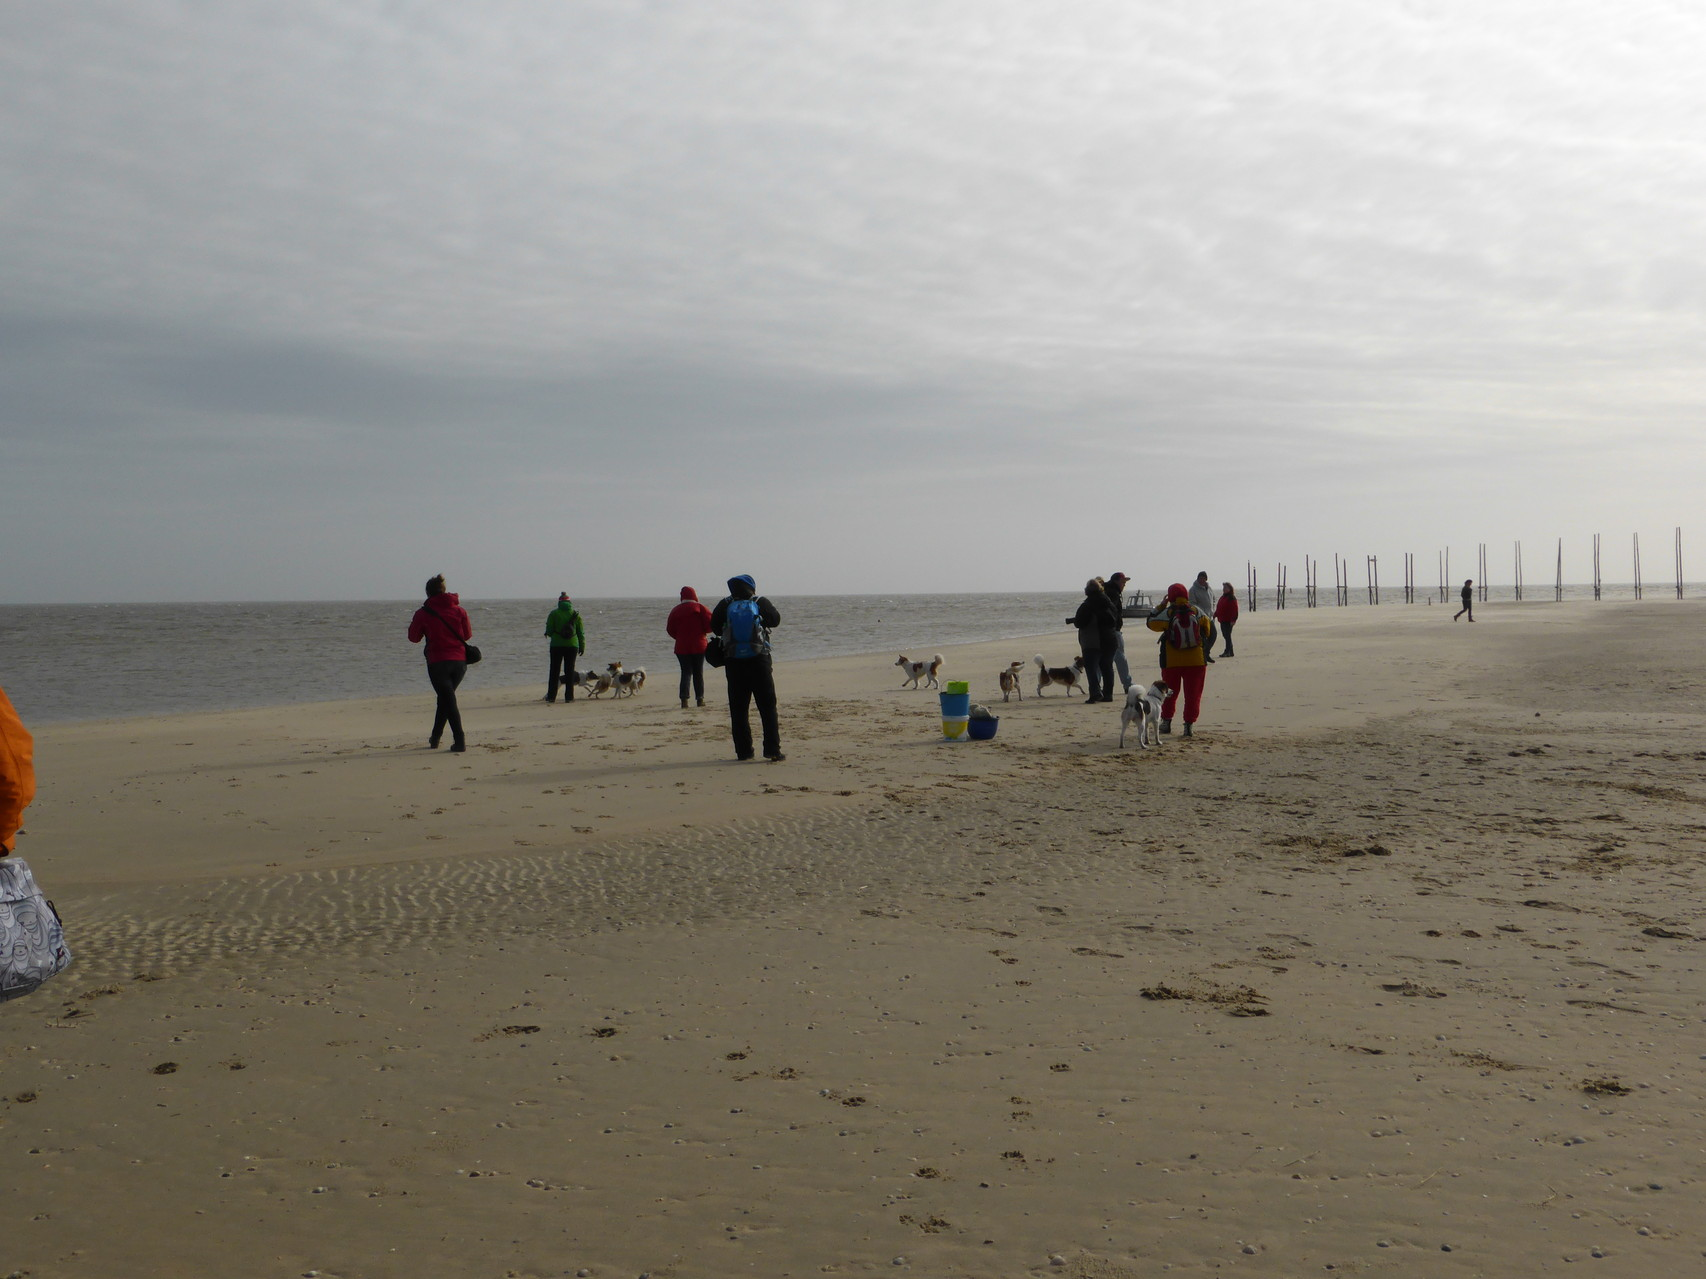 Kiesel-Treffen am Strand